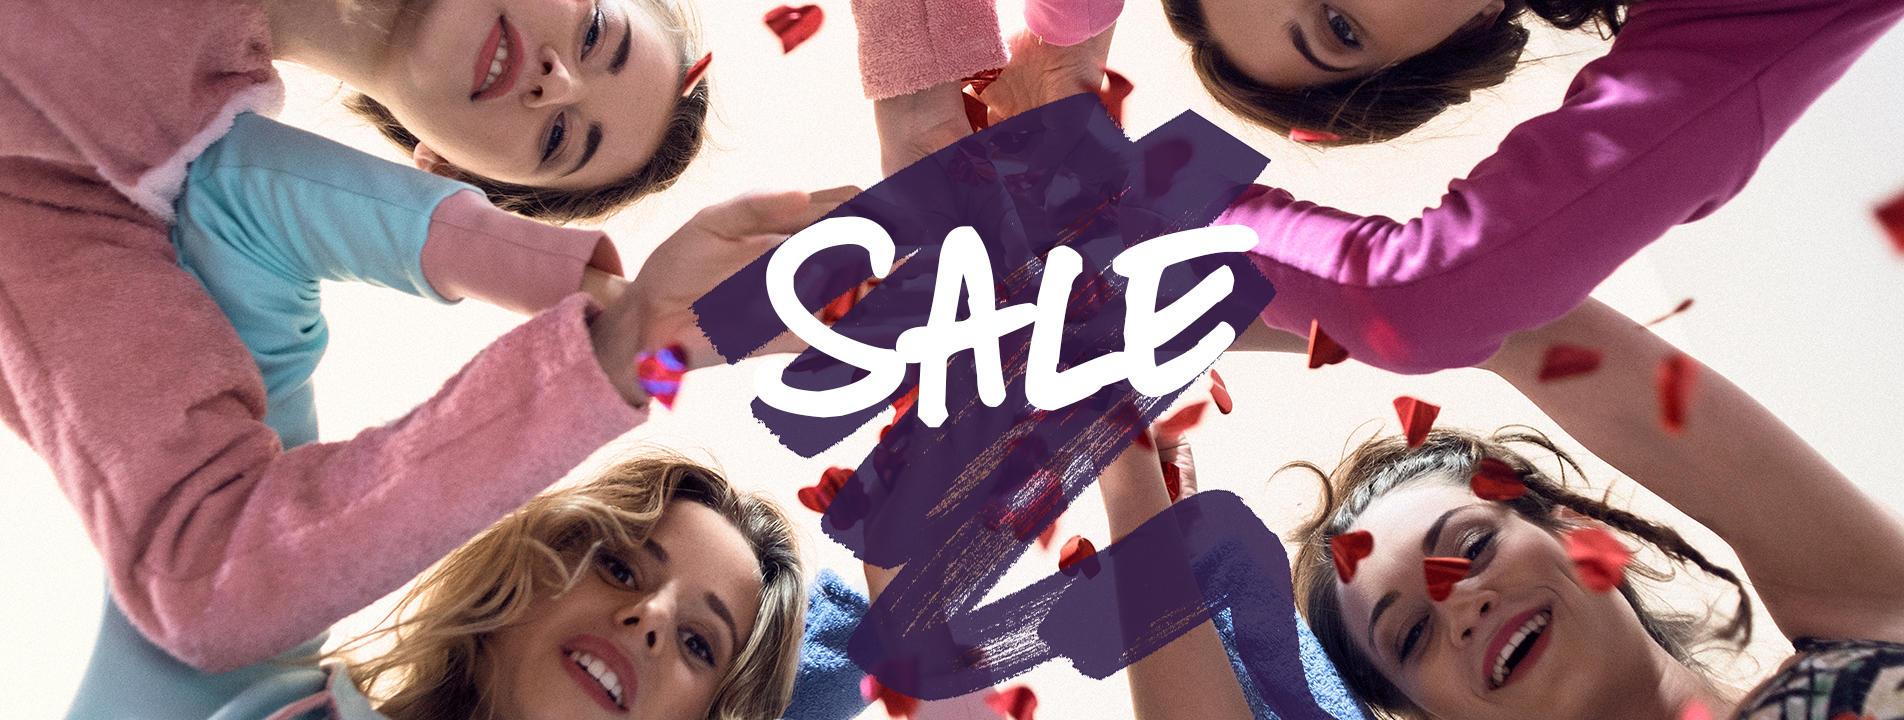 a-sale-home.jpg